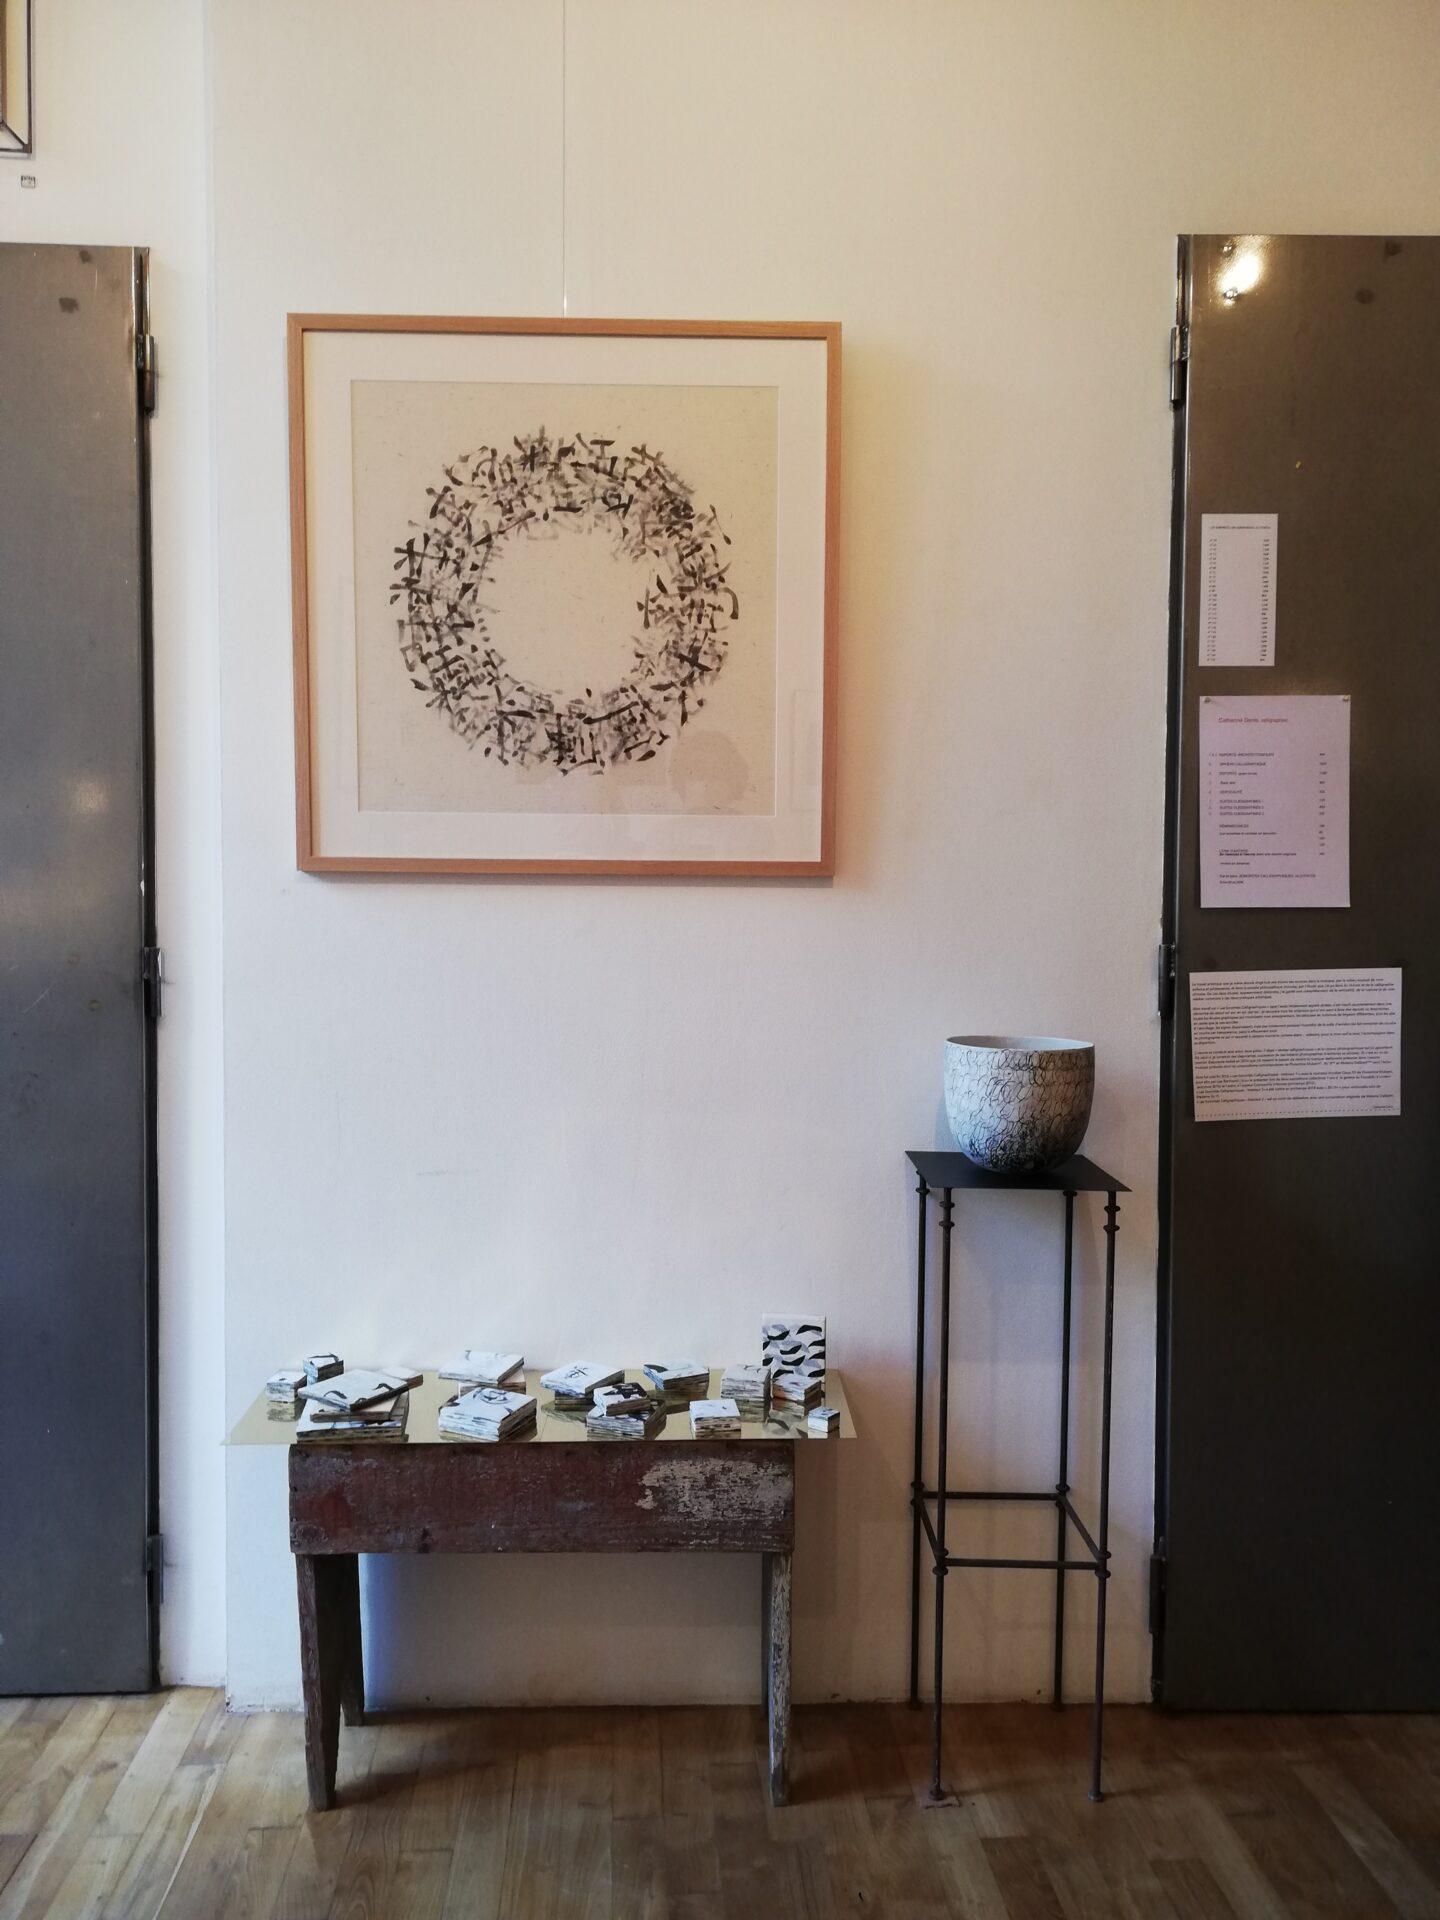 2020 - Atelier-galerie l'Antre temps, avec Pauleen K et Océane Madelaine, Rennes